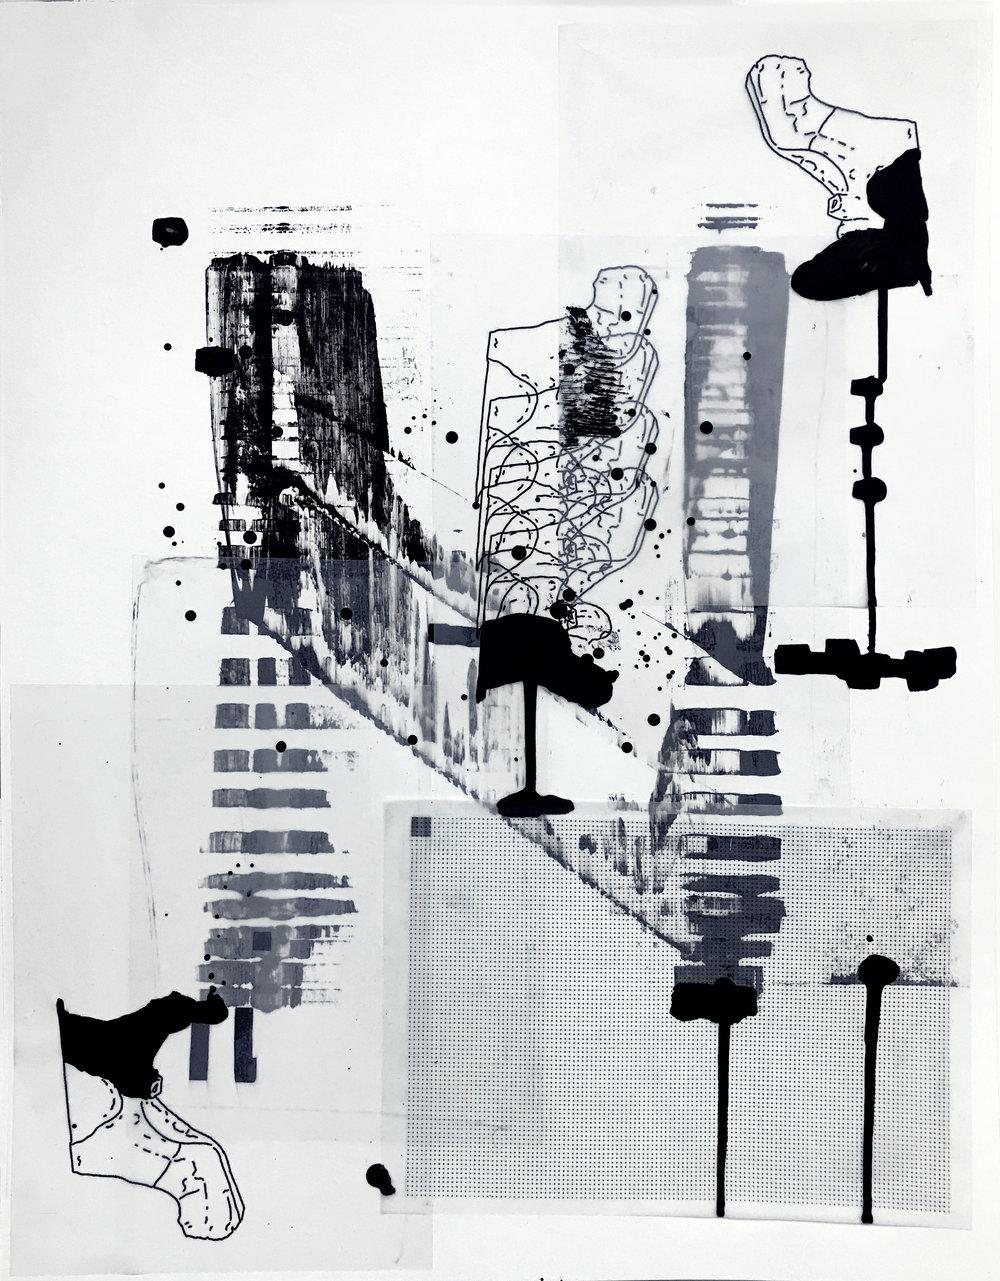 %22Detrás del espejo _ 19%22 - Técnica mixta sobre papel - 65 x 50 cm - Julián Brangold - 2018.jpg